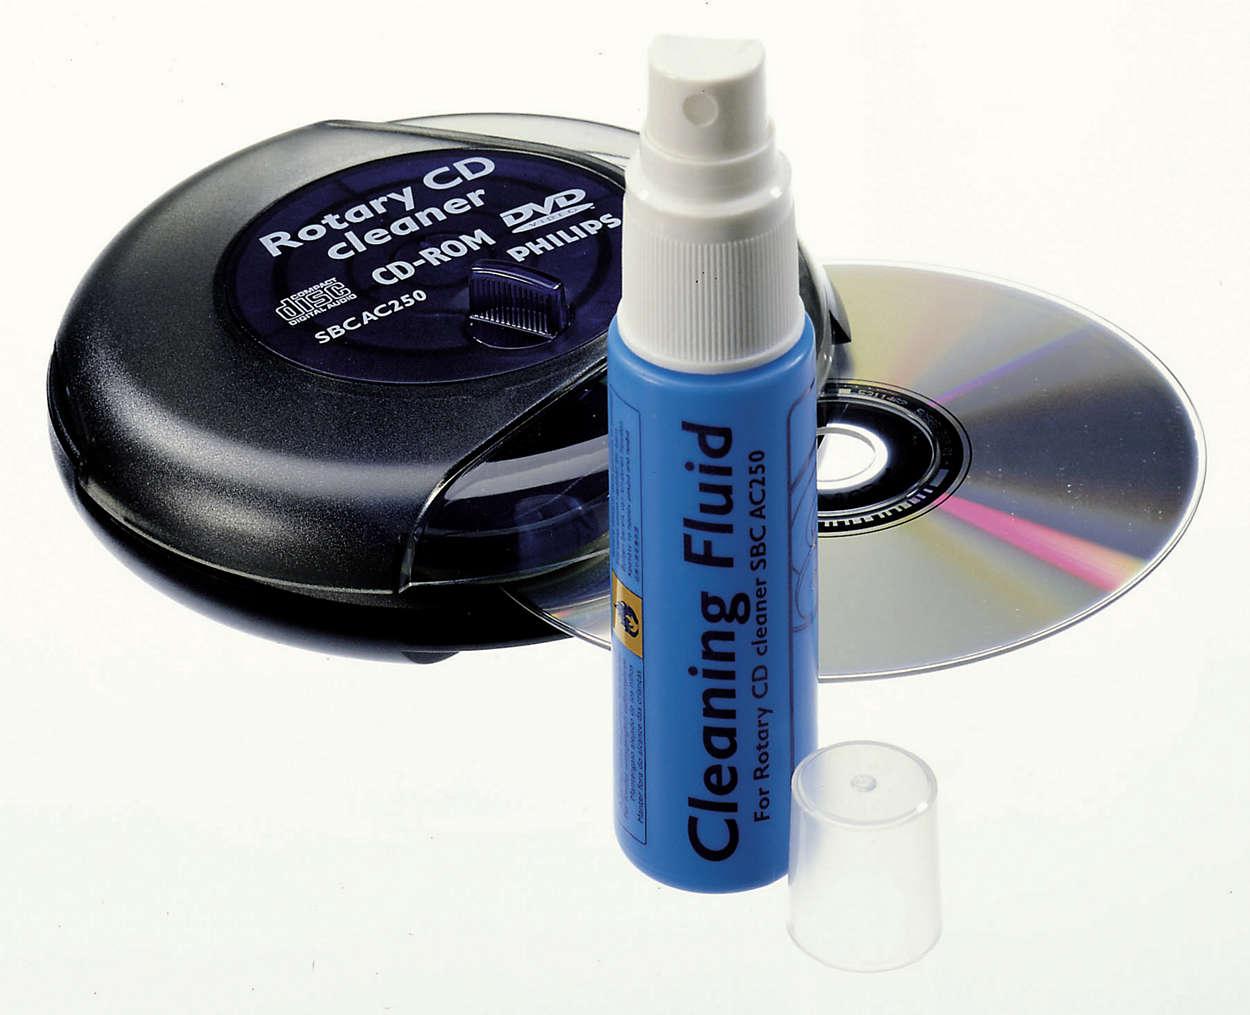 Maakt schoon en beschermt